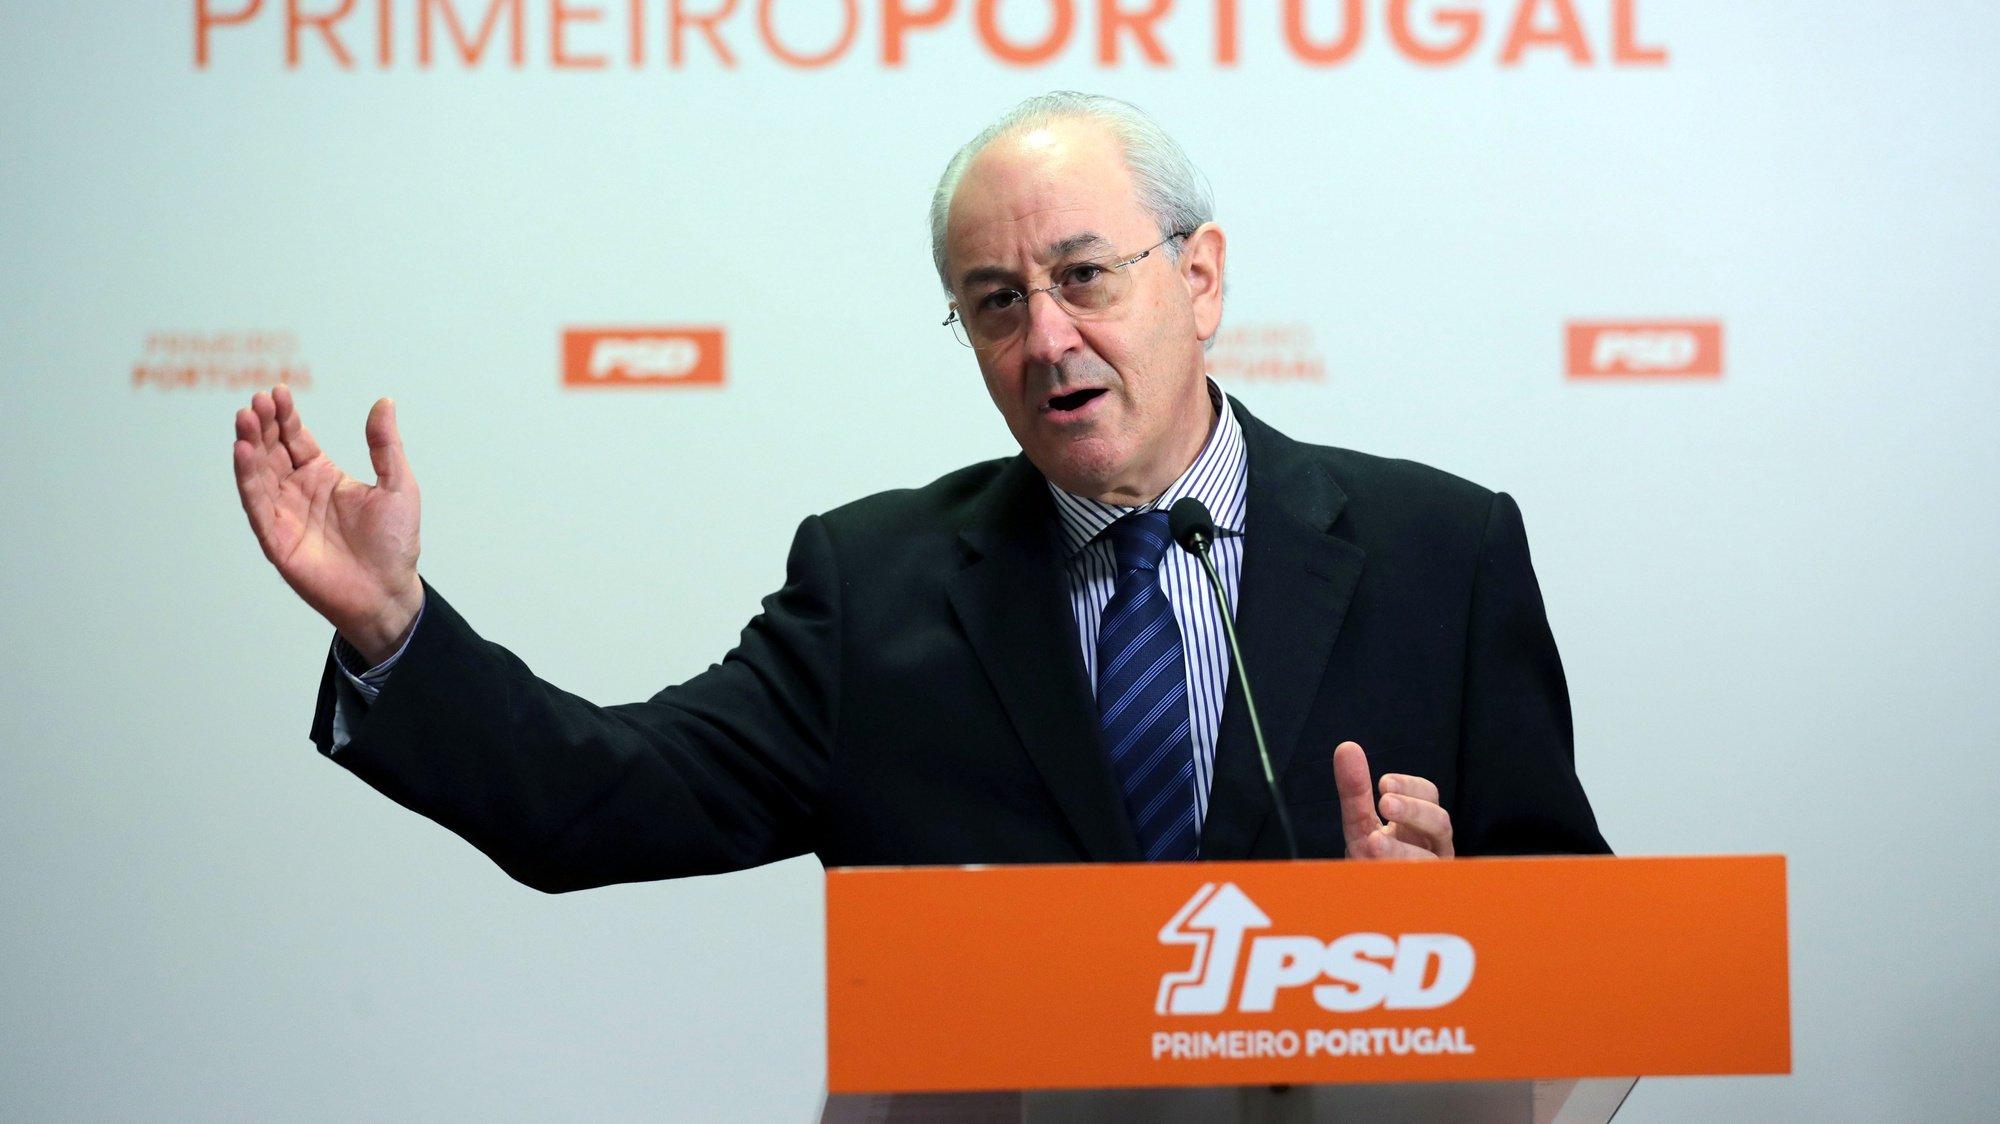 O presidente do PSD Rui Rio durante uma conferencia de imprensa de reação às medidas anunciadas pelo Governo no âmbito da atual situação de pandemia provocada pelo Covid-19, 21 janeiro 2021, Porto. ESTELA SILVA/LUSA